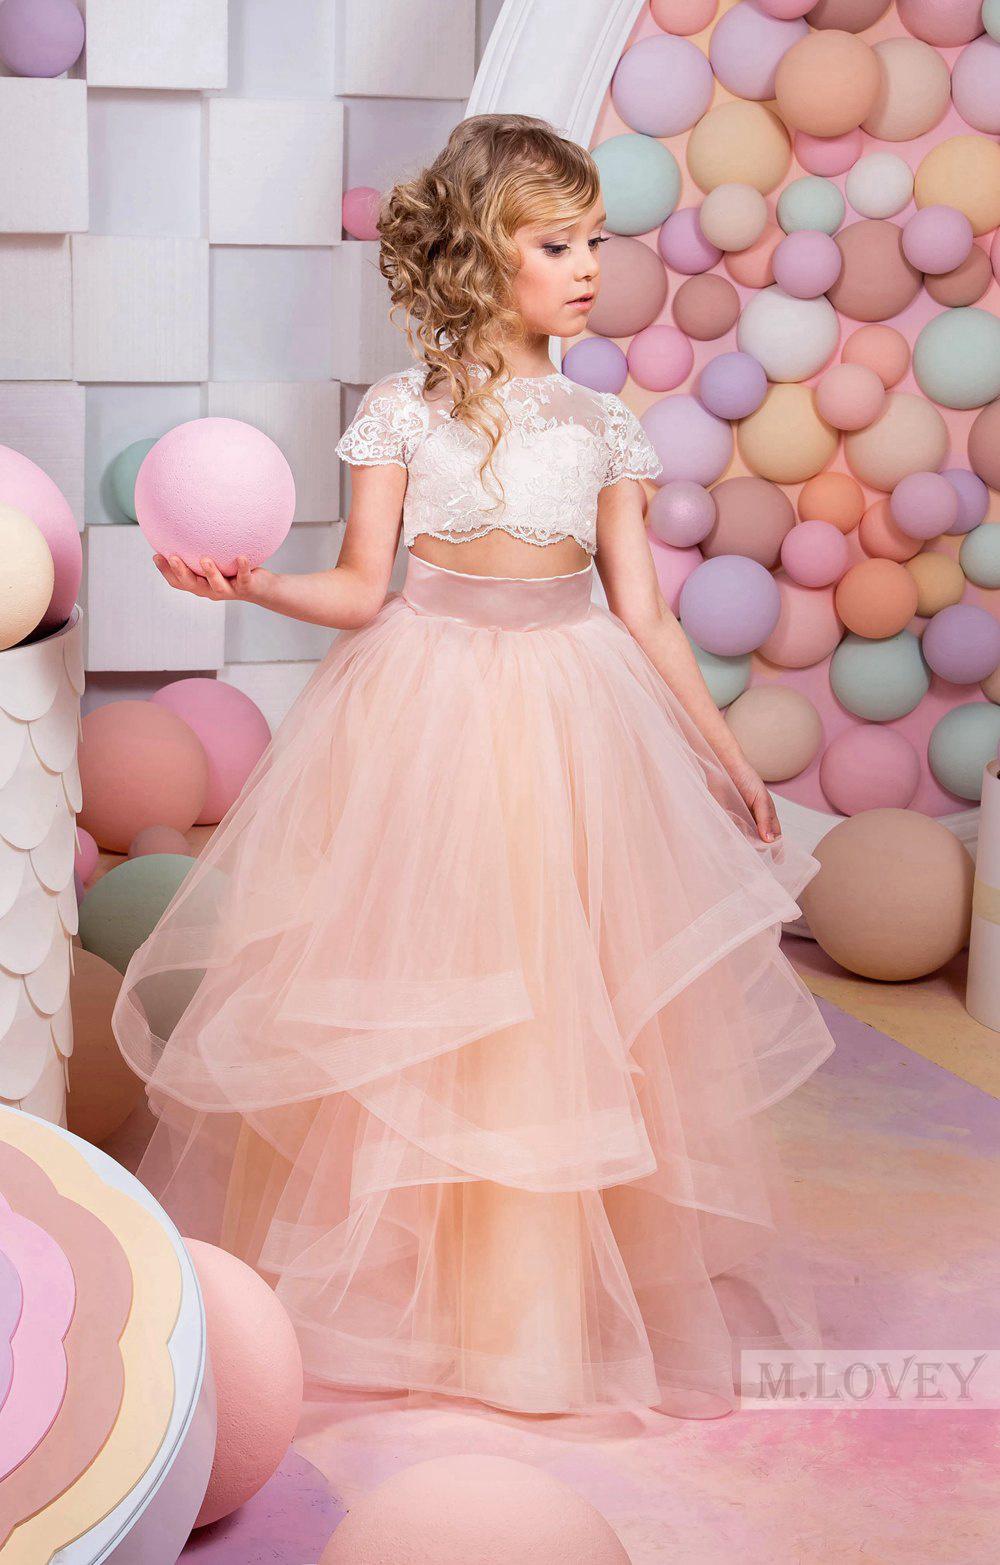 Rosa Zweiteilige Mädchen-Festzug-Kleid-Geburtstags-Party des neuen Jahres  Kleid mit Spitze für 3 3 3 3 3 jährige Mädchen